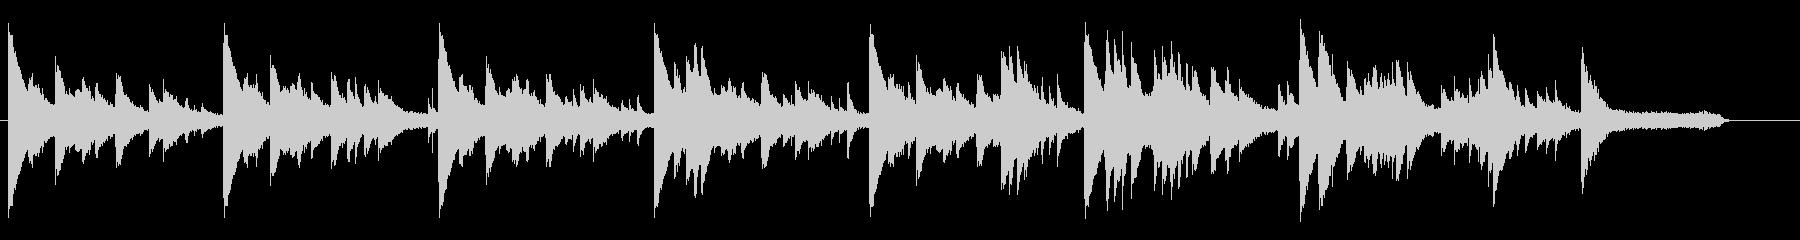 アンニュイ独特の世界観ピアノソロ拍子レスの未再生の波形